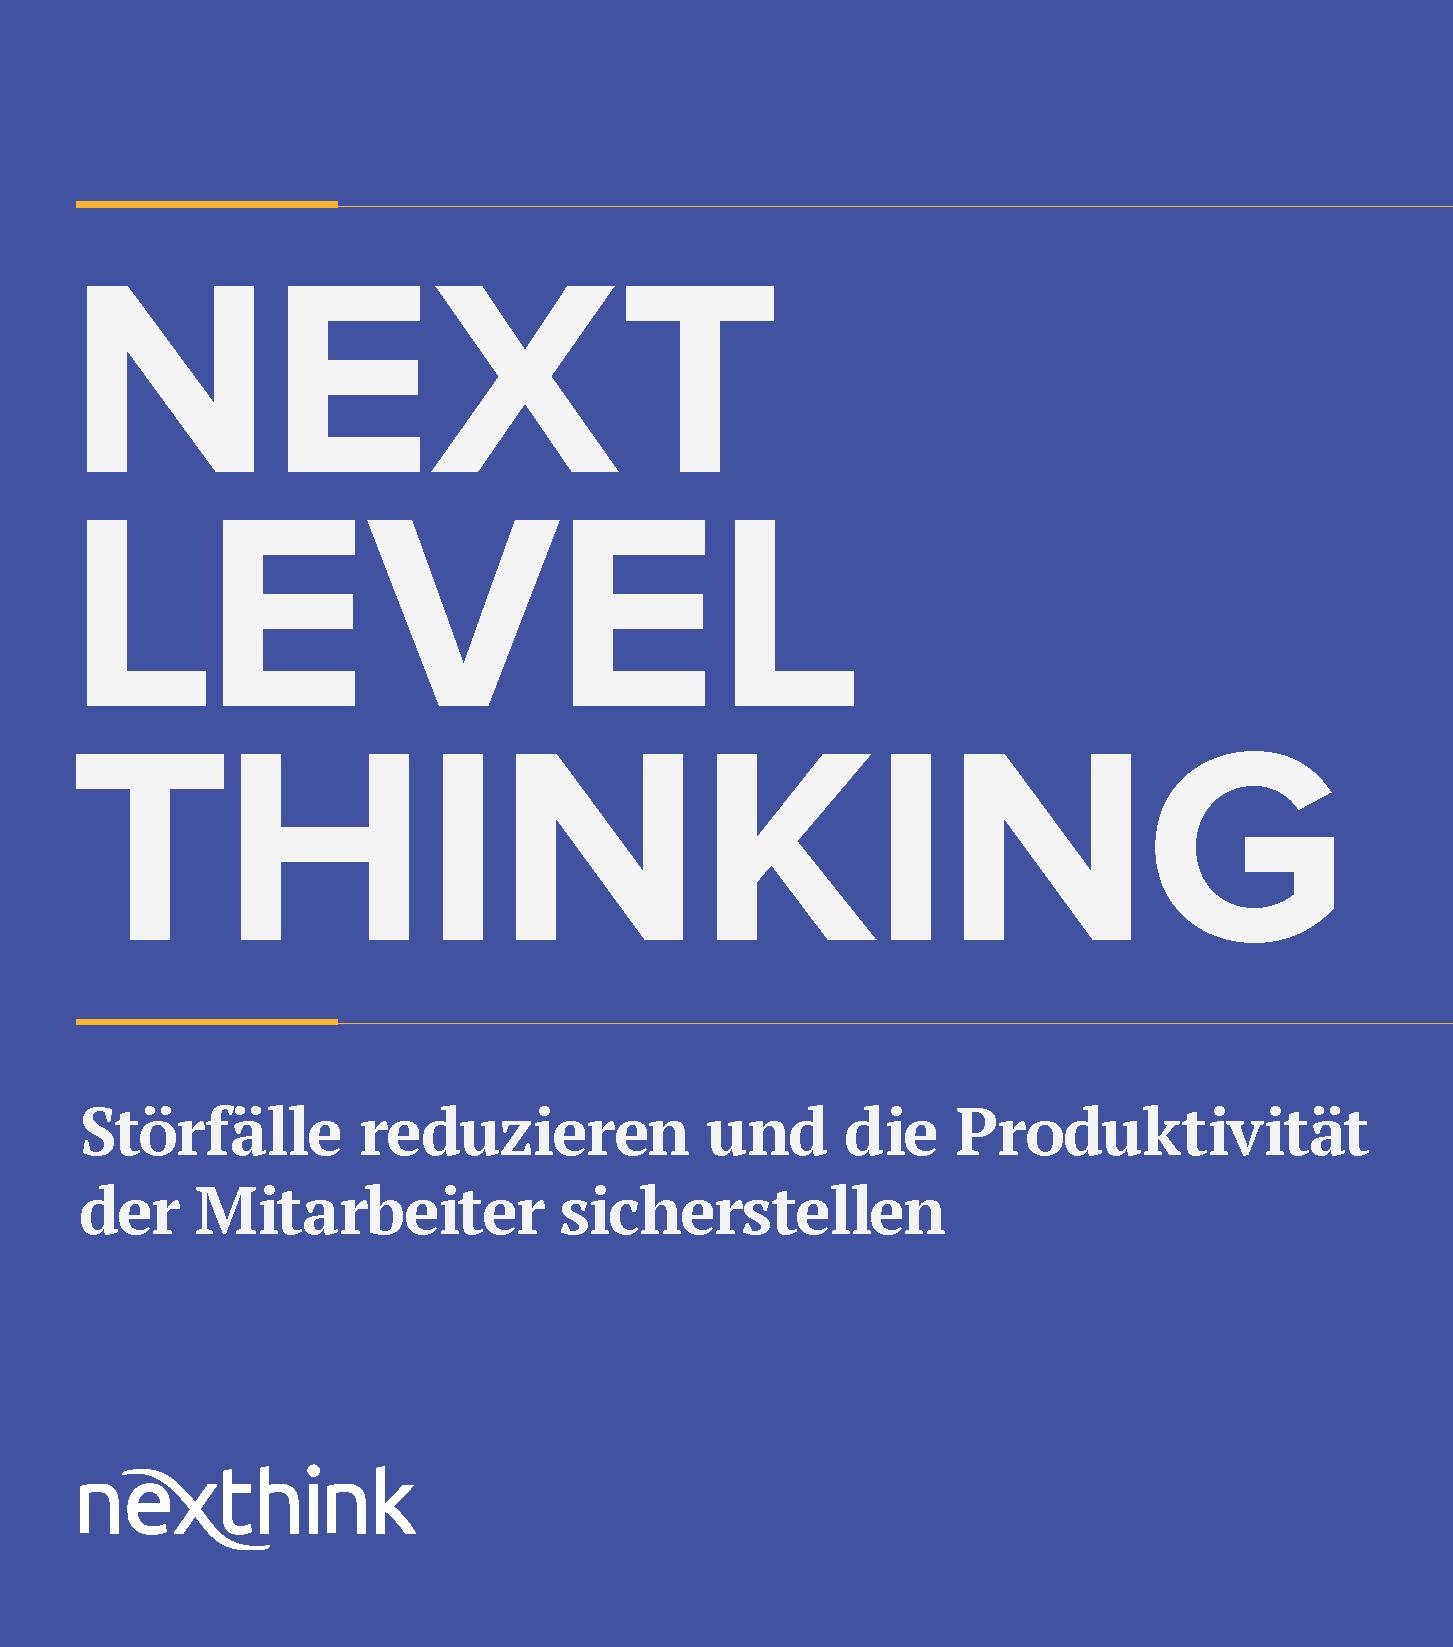 Next Level Thinking:  Wie lassen sich Störfälle reduzieren und die Produktivität von Mitarbeitern steigern?